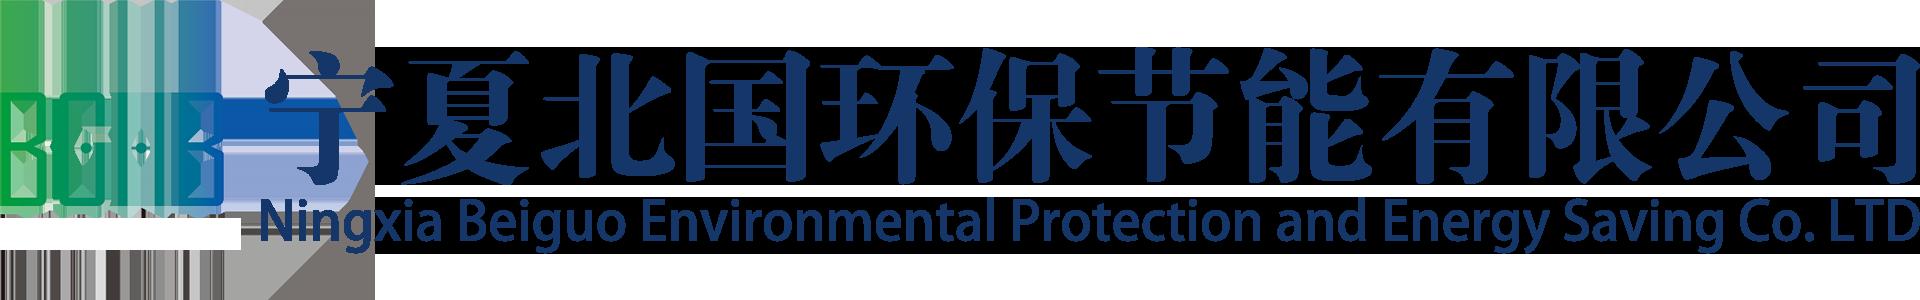 人人体育官网首页北国环保节能有限公司